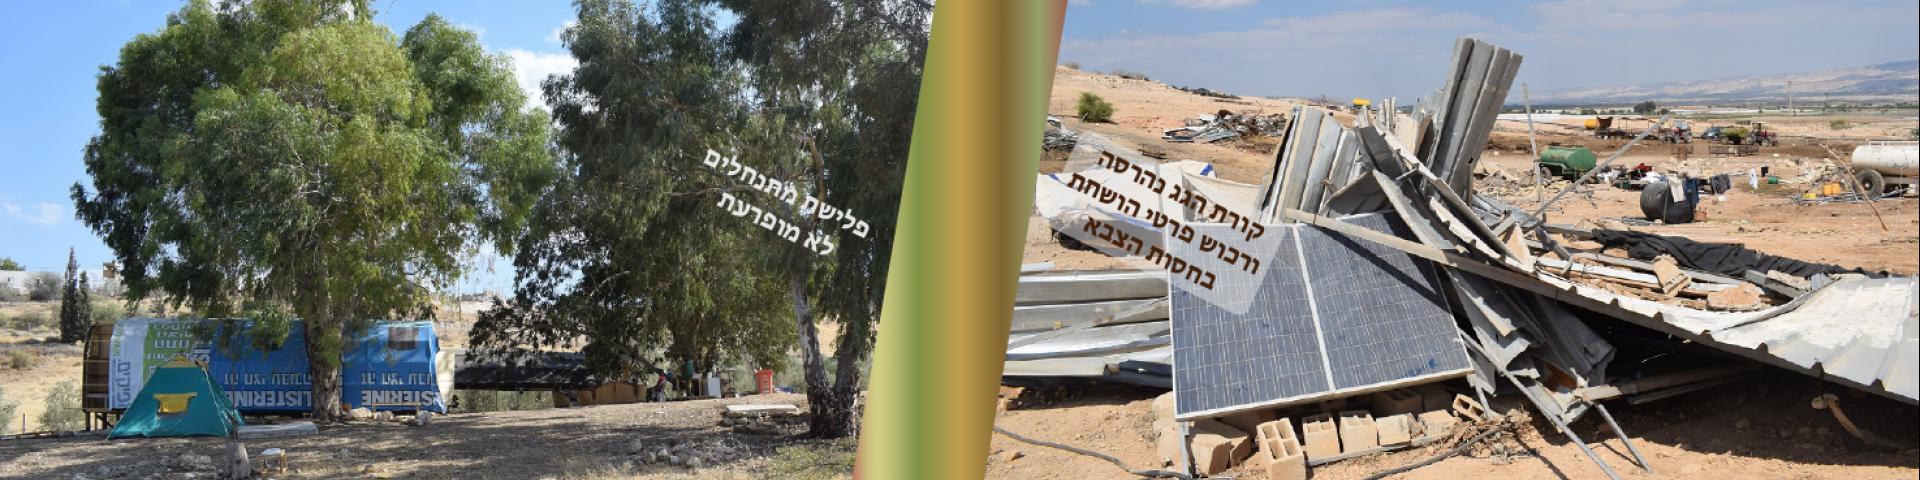 האחזות לא חוקית של מתנחלים והריסות שלפלסטינים